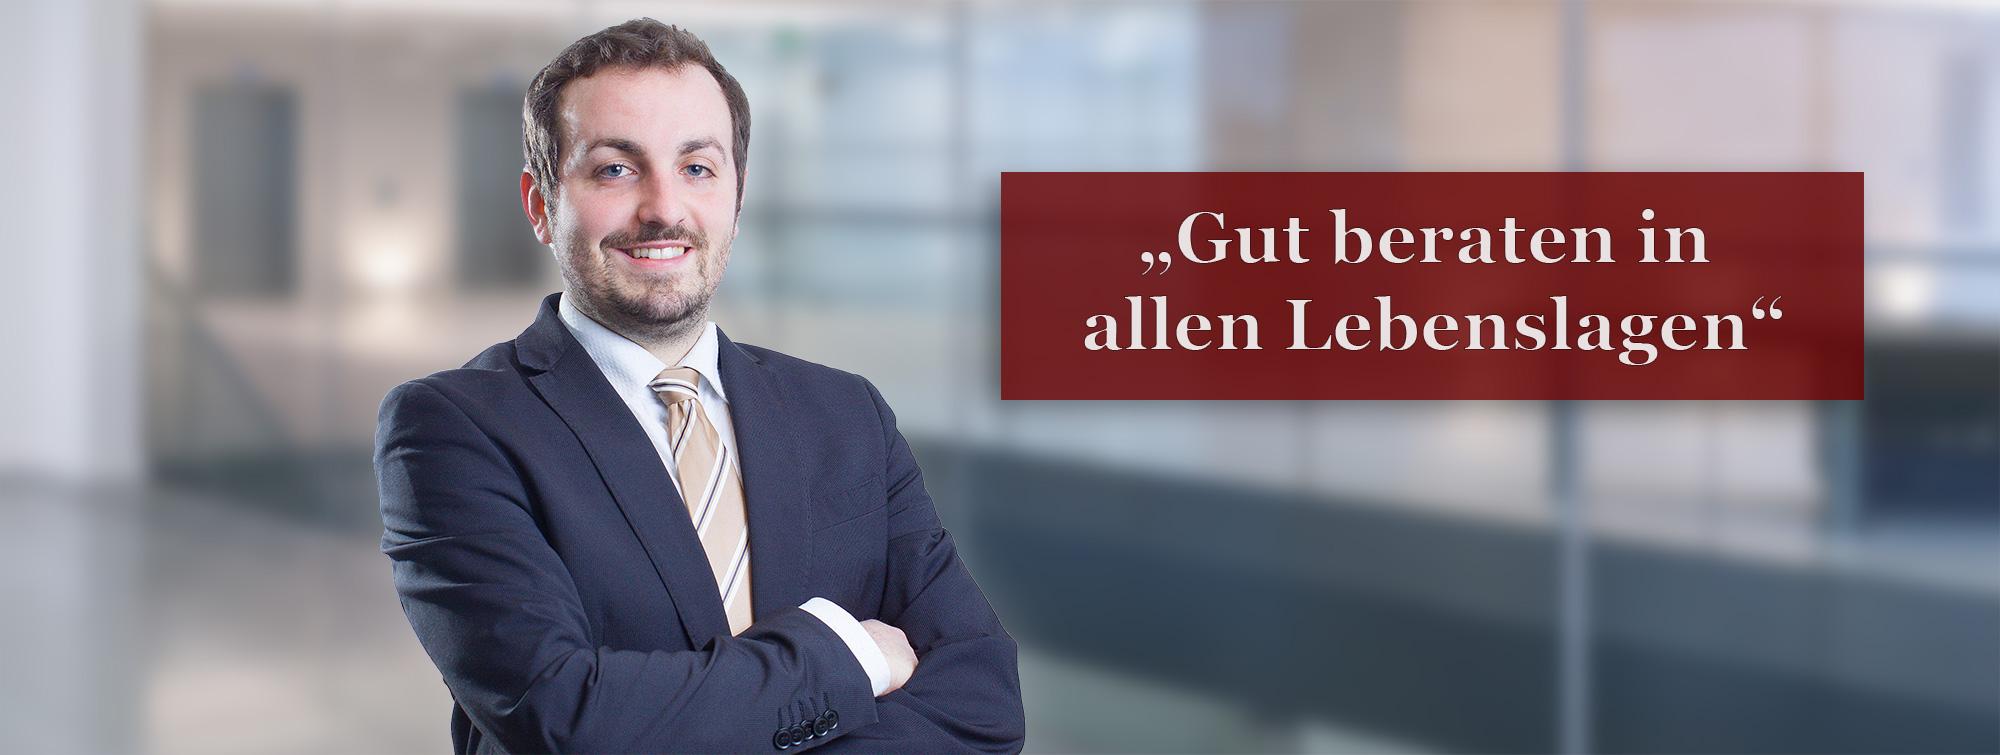 Felix Steinbach, Rechtsanwalt, Kanzlei, Anwaltskanzlei